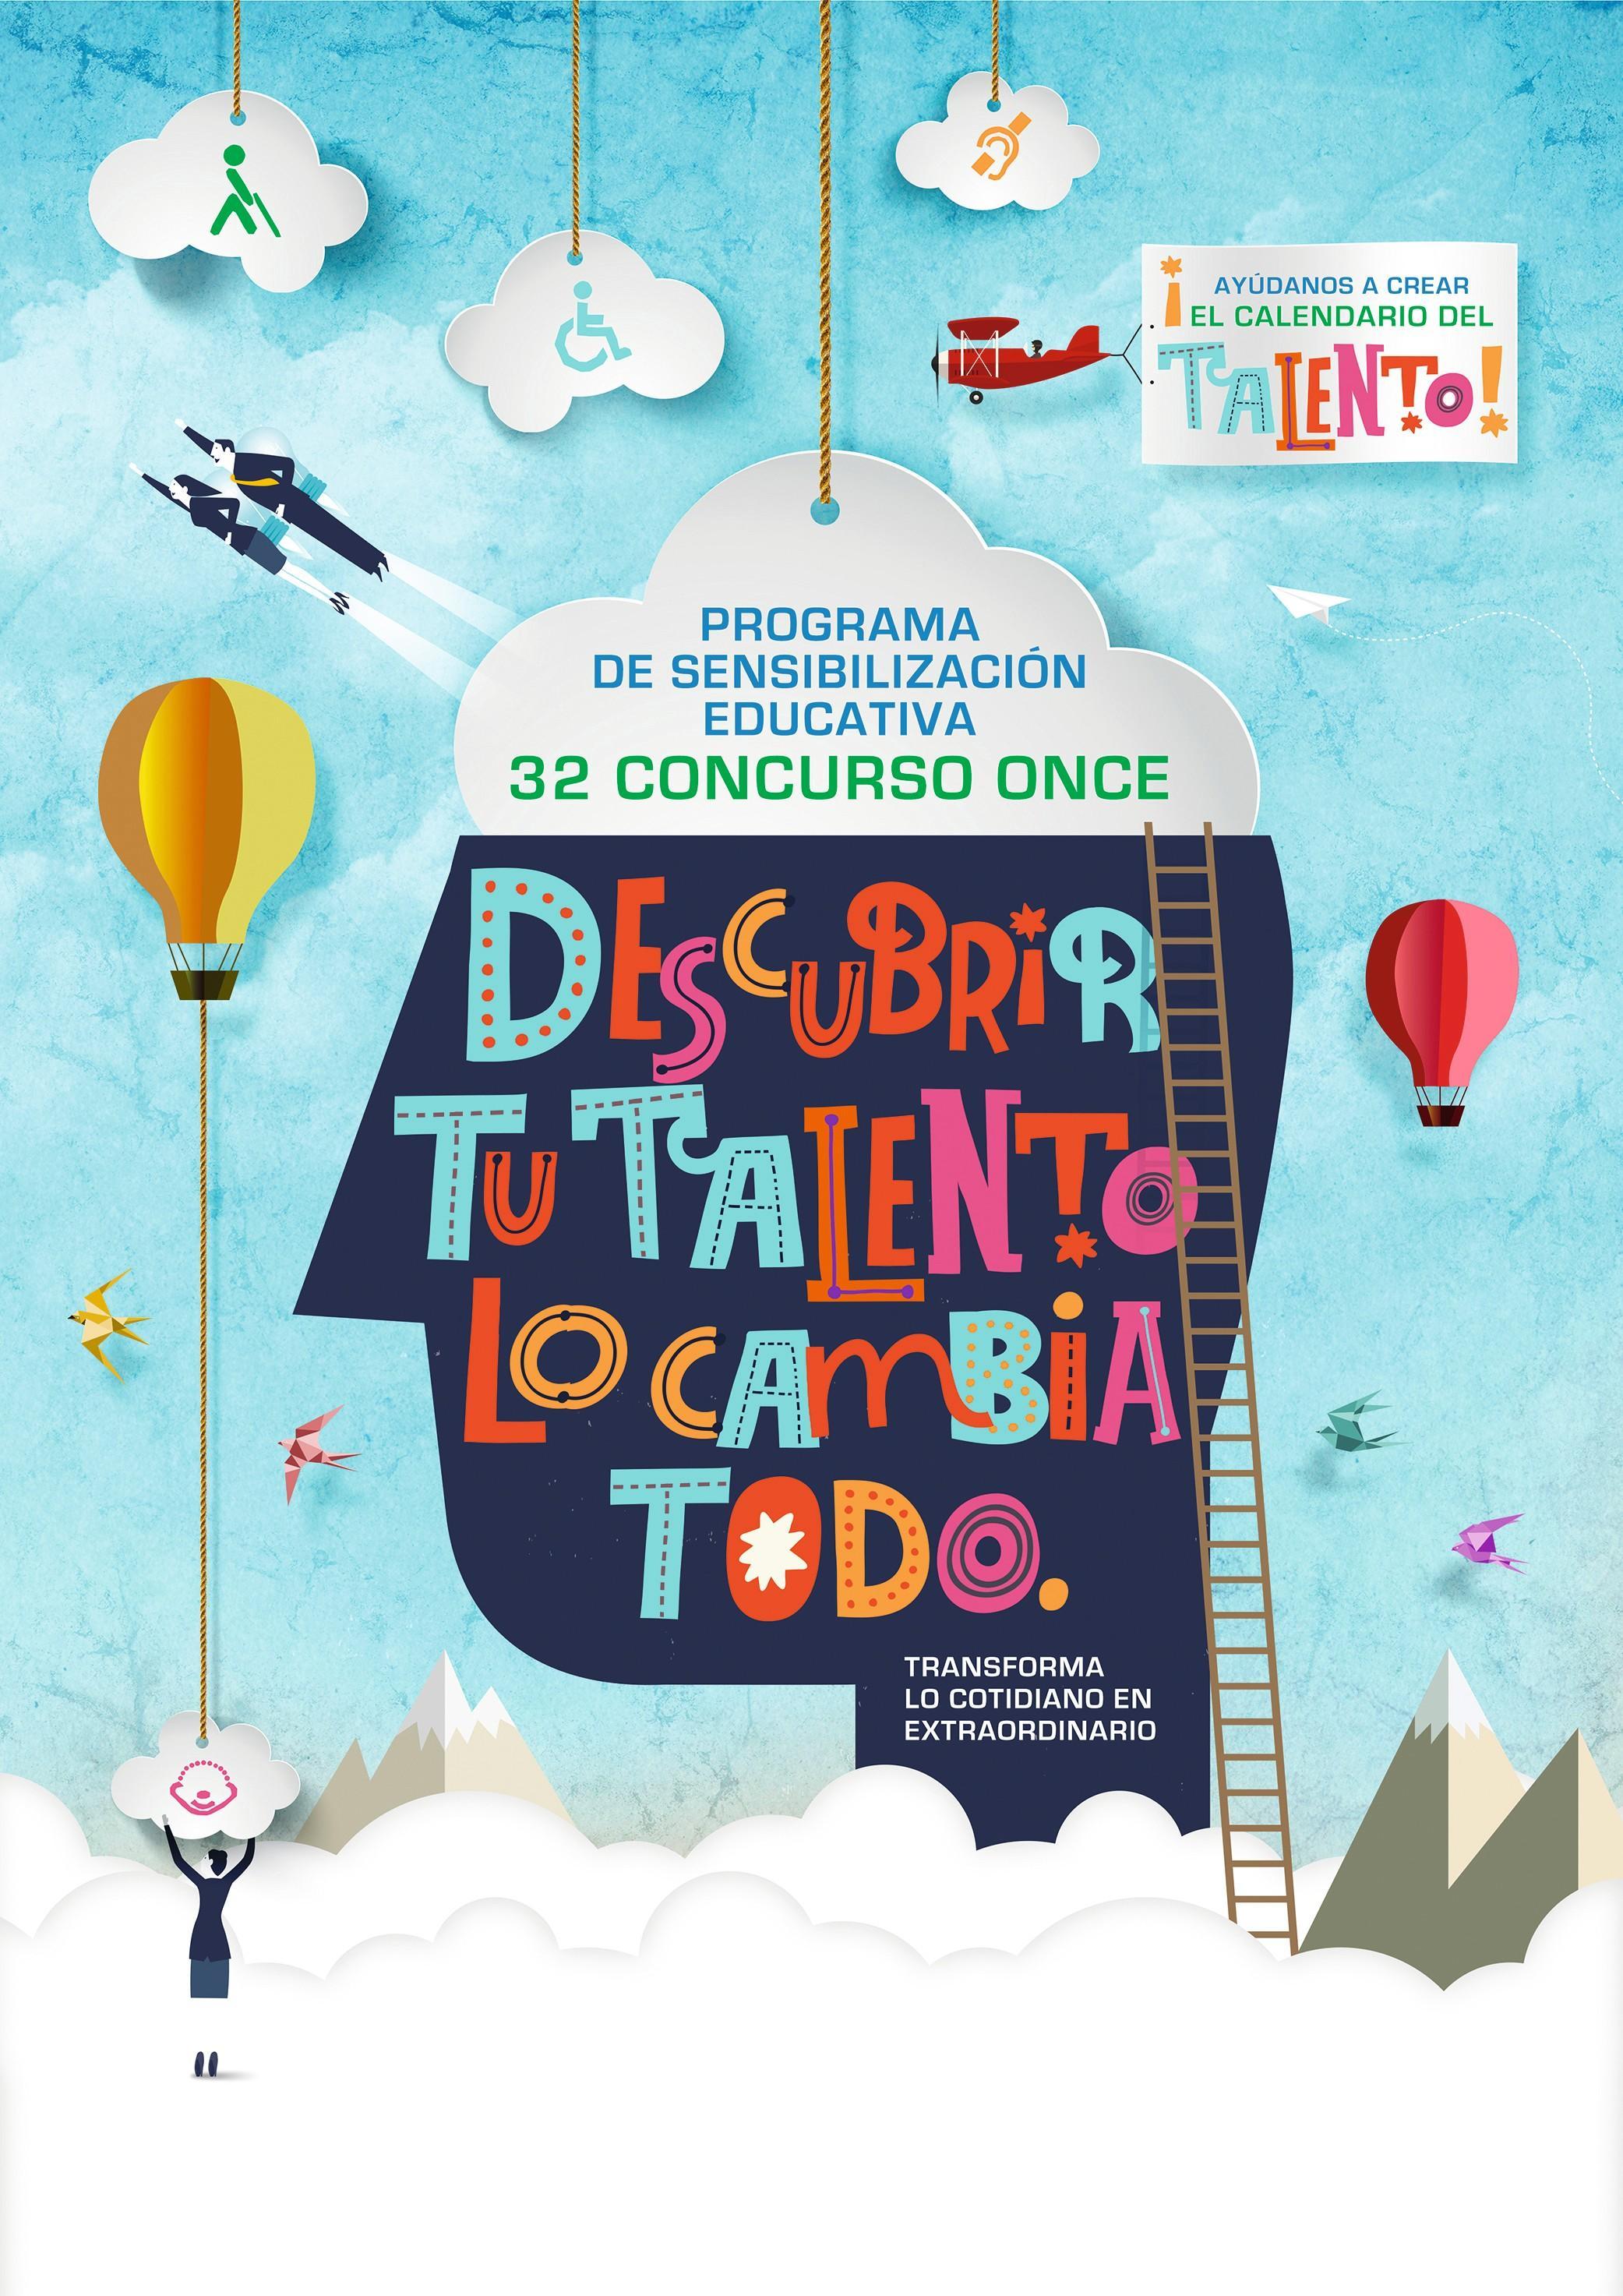 Cartel del 32 concurso escolar de la ONCE, Programa de sensibilización educativa, 2018